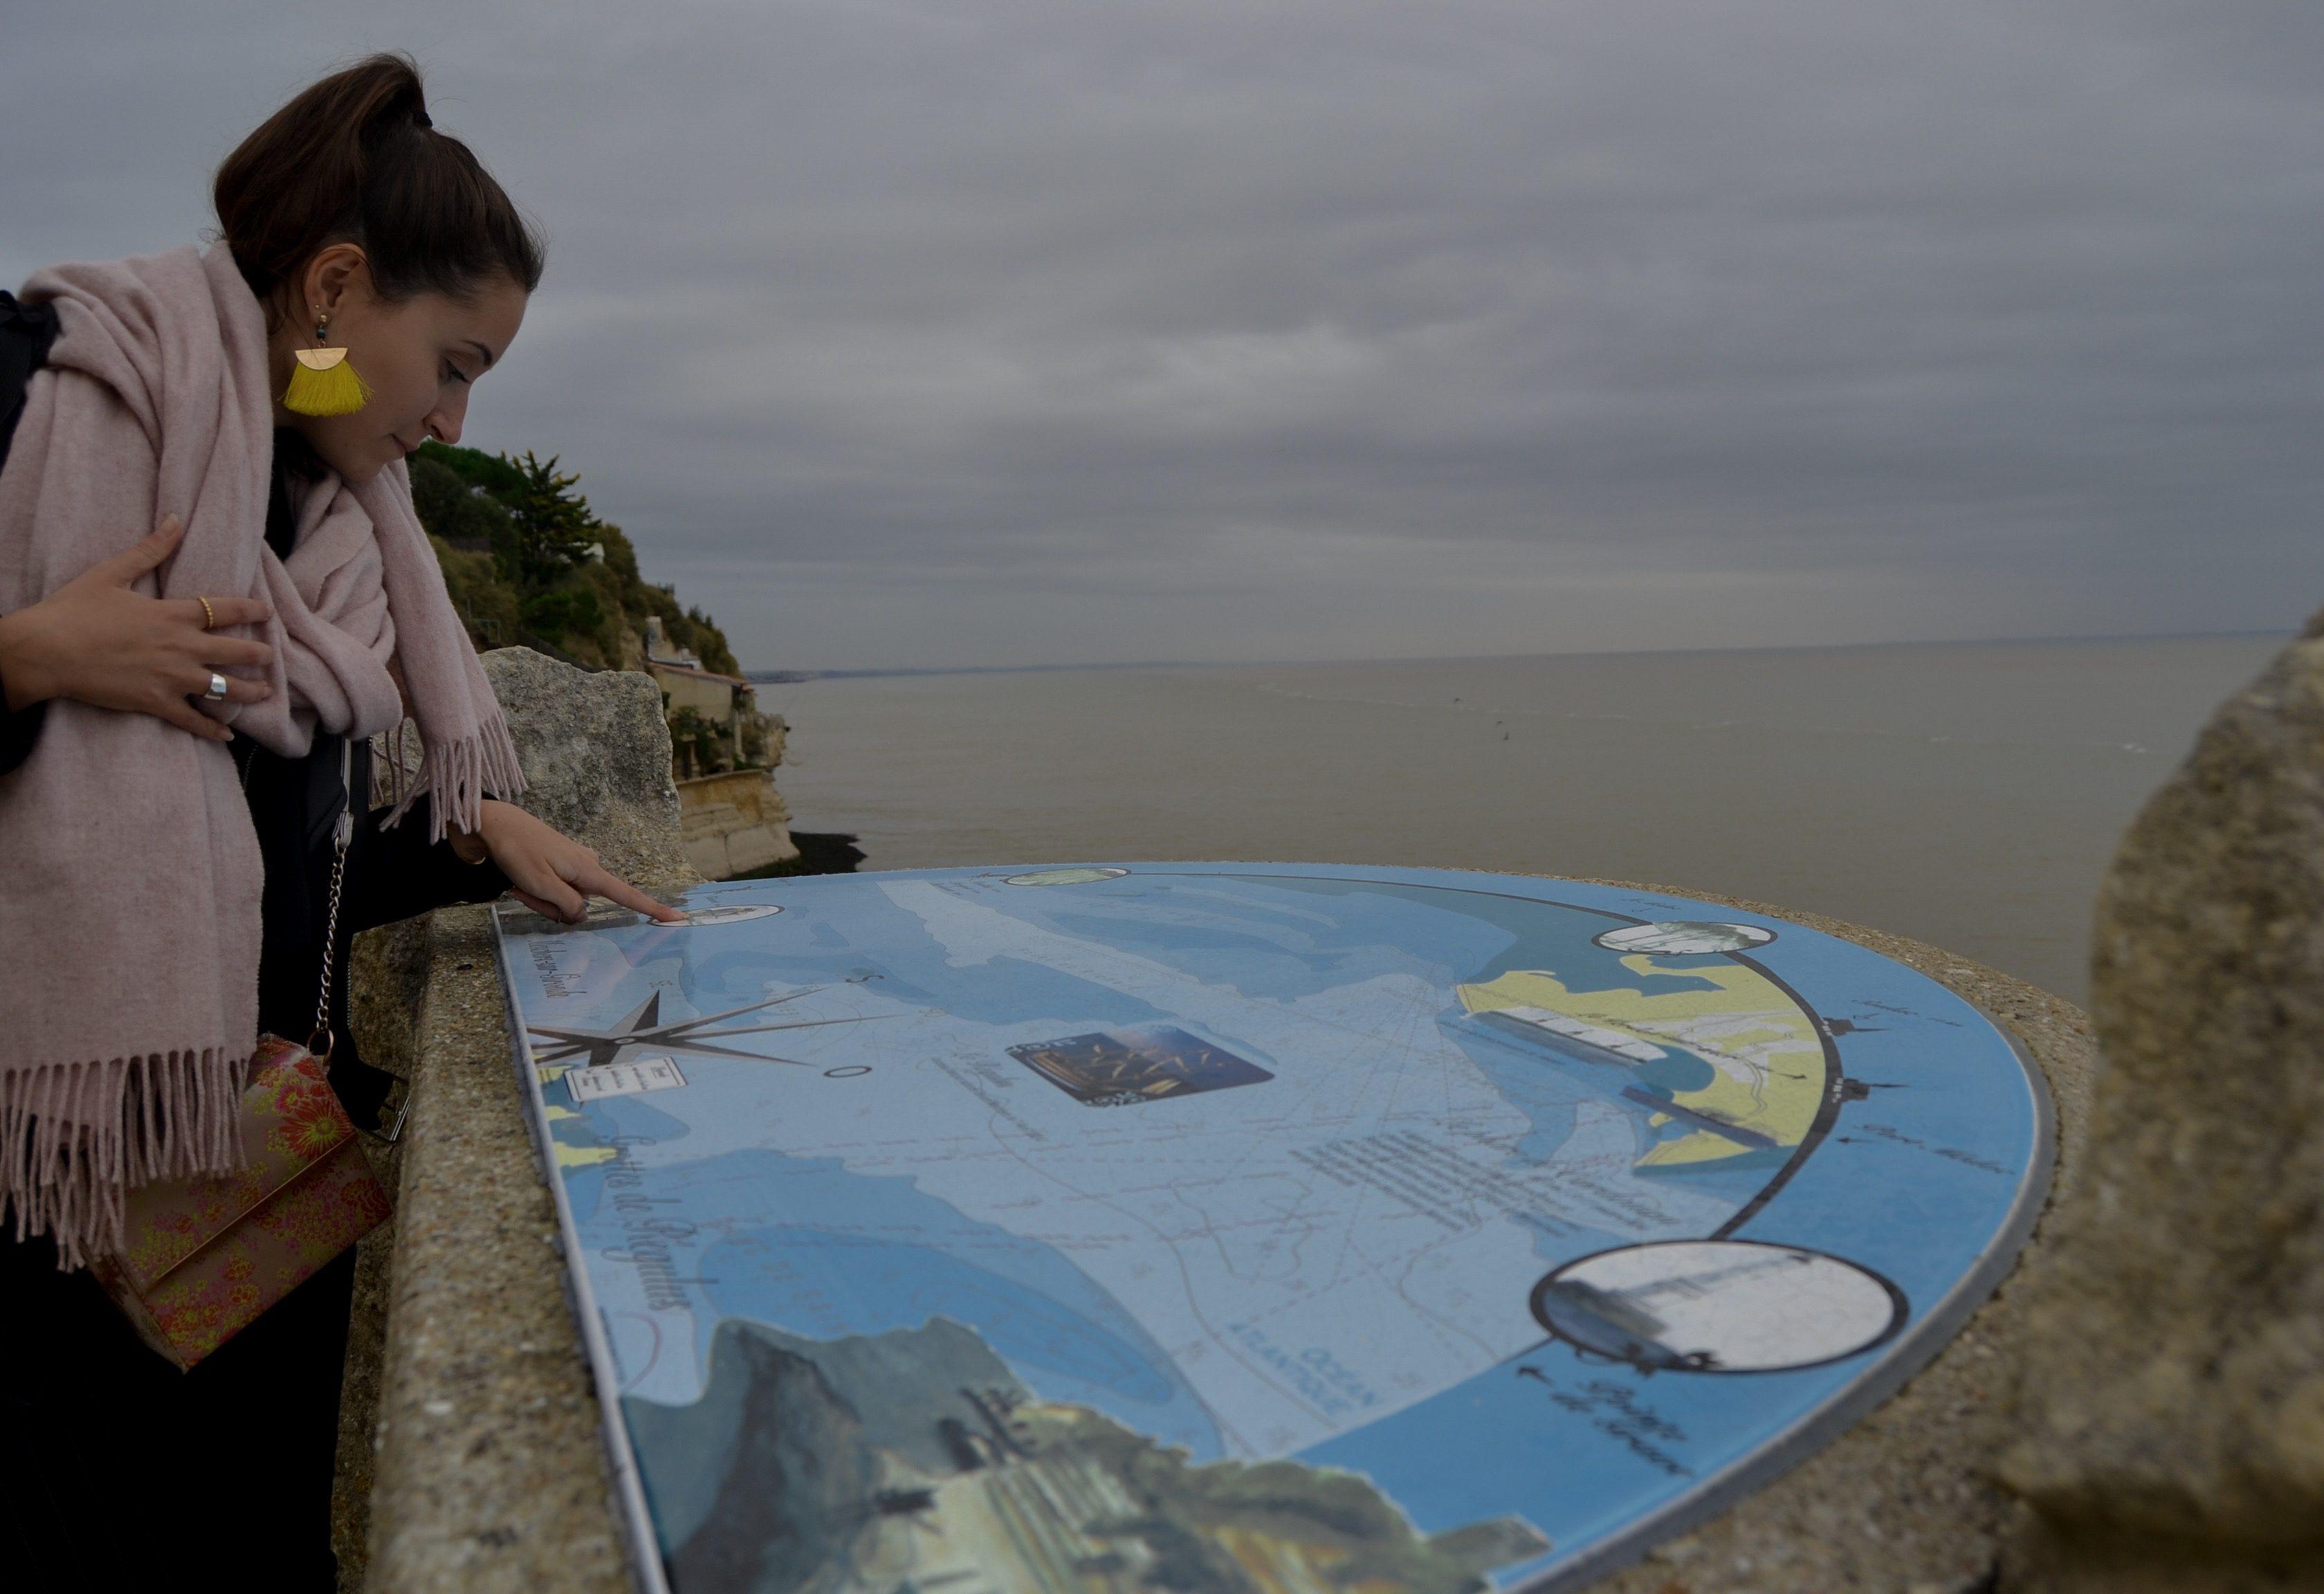 grottes-du-regulus-meschers-sur-gironde-grotte-troglodyte-royan-visite-grottes-table-orientation-les-ptits-touristes-blog-voyage